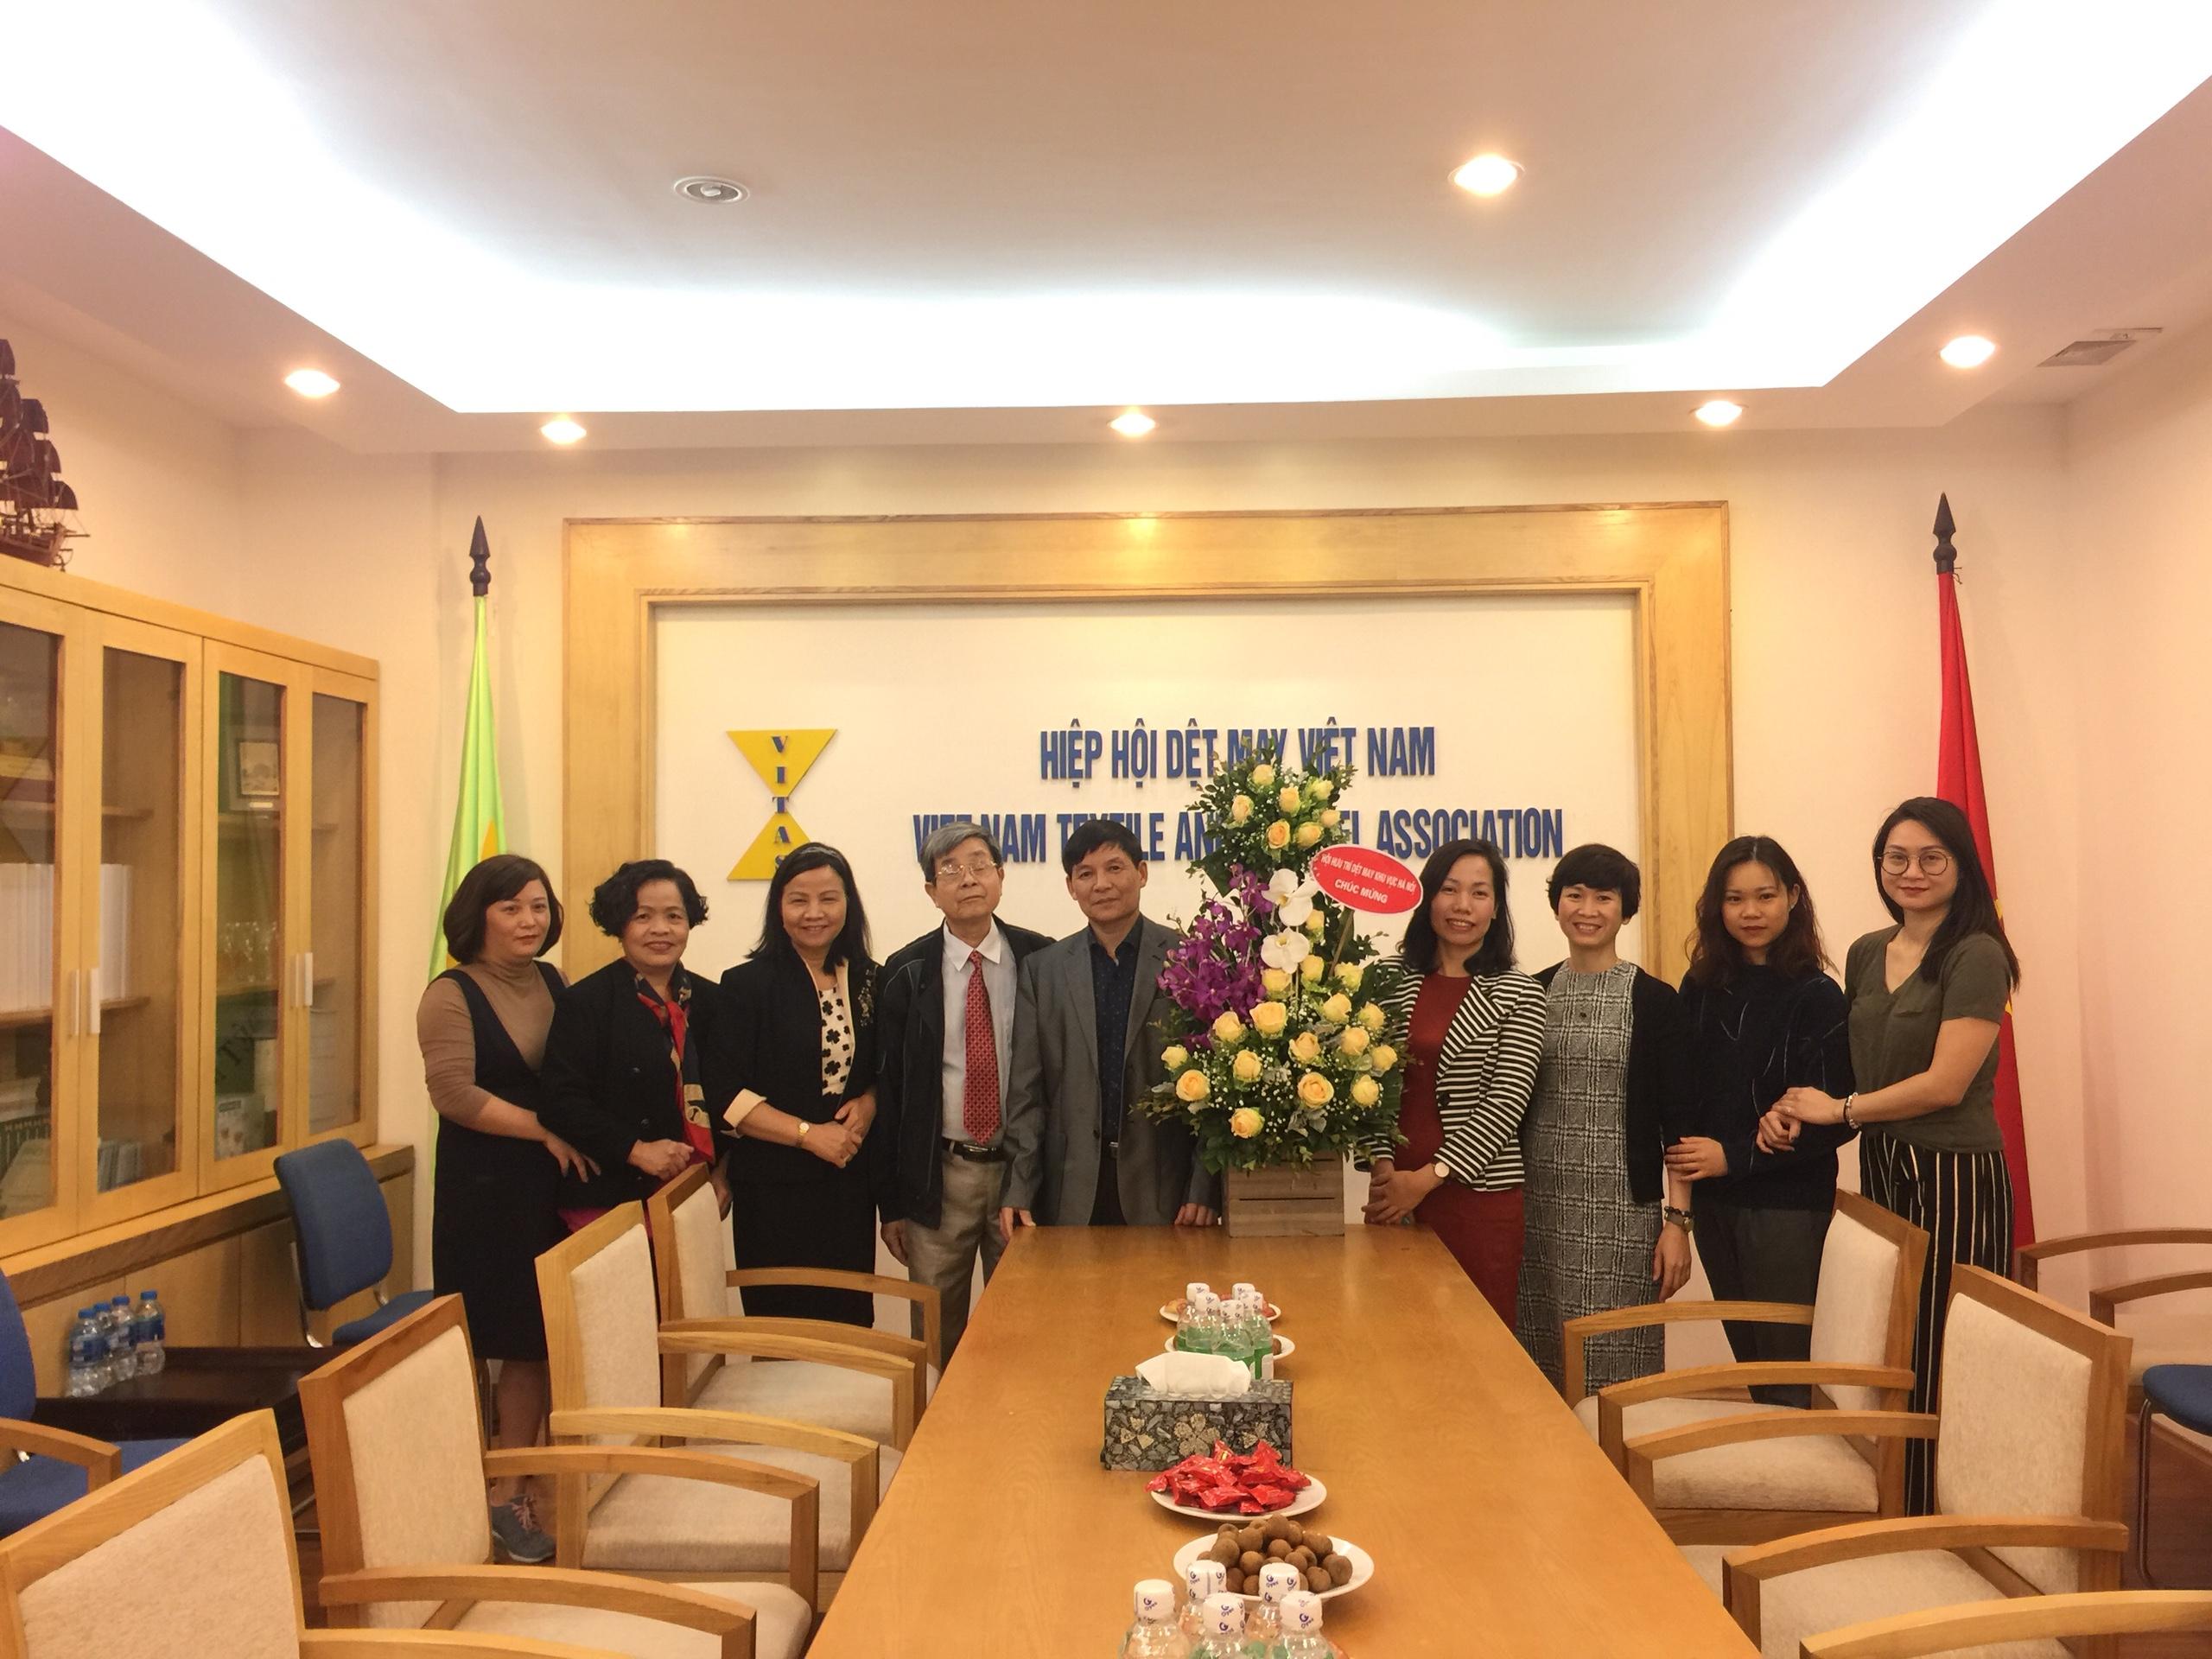 Chào mừng Ngày truyền thống Ngành Dệt May Việt Nam 25/3